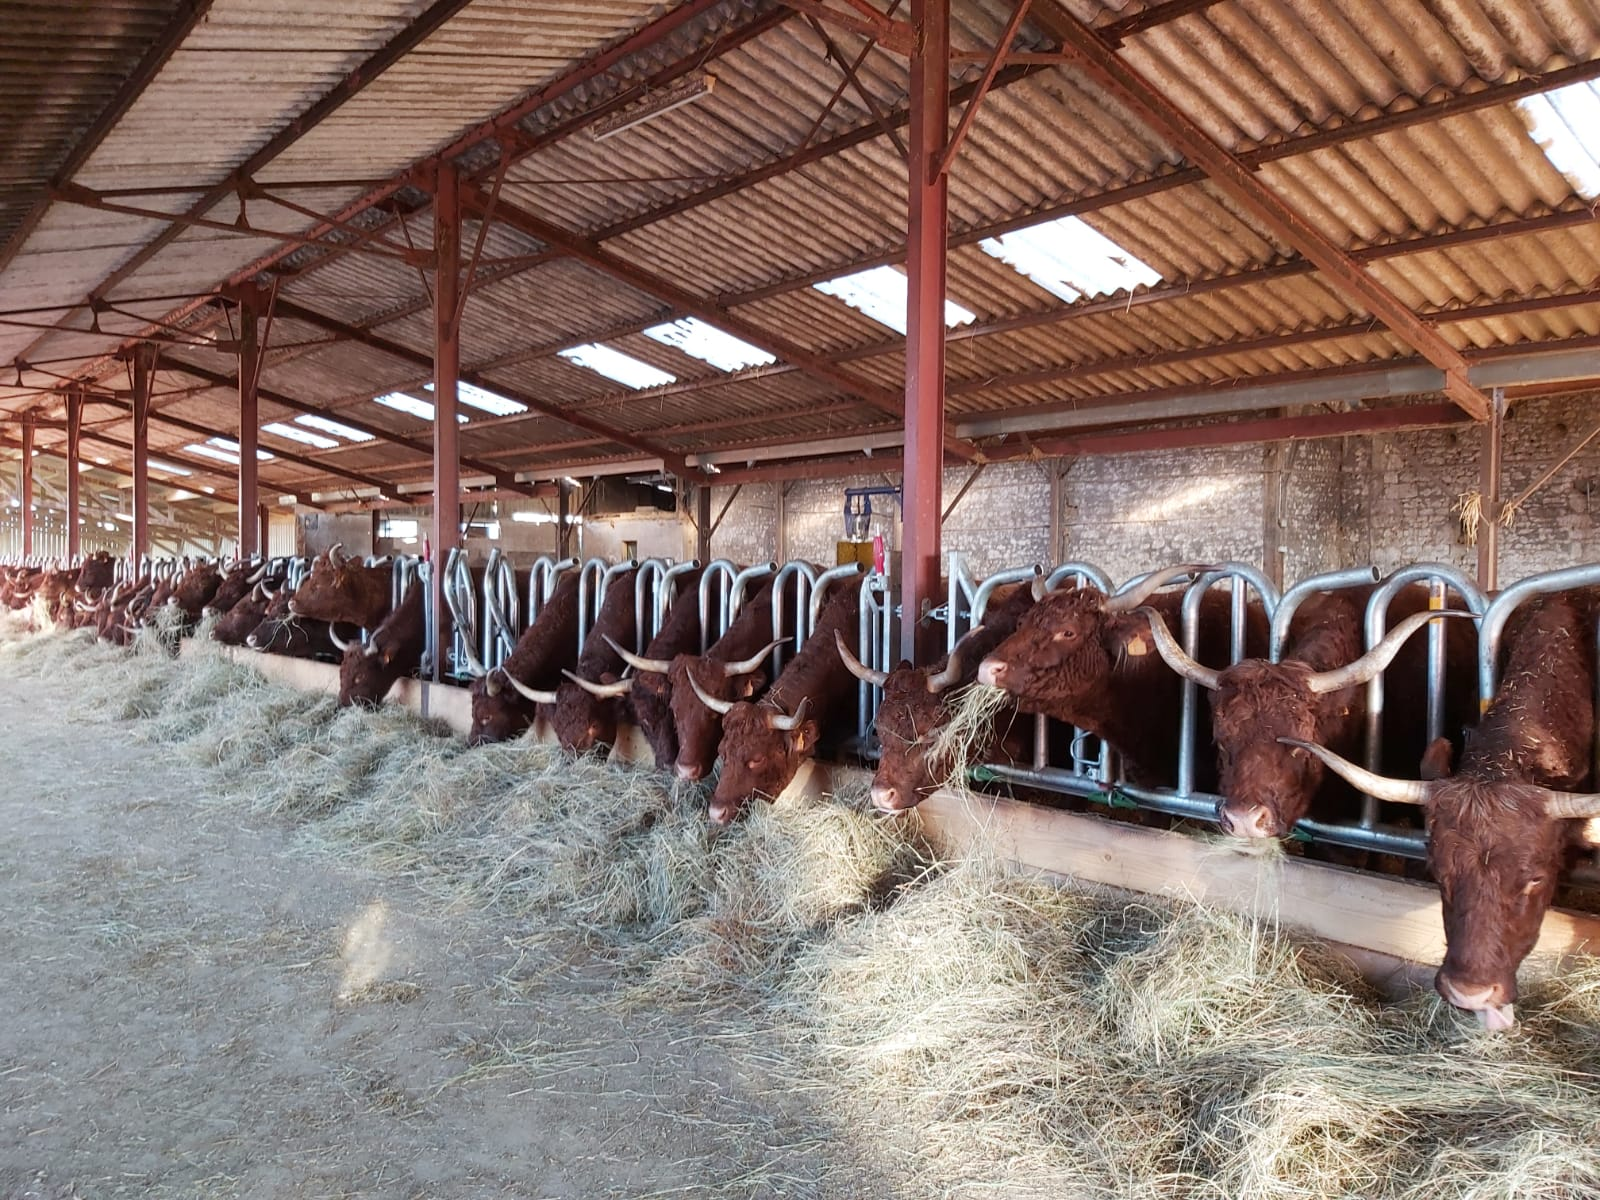 Cornadiza vacas con cuernos: FESTÓN CON BLOQUEO AUTOMÁTICO JOURDAIN